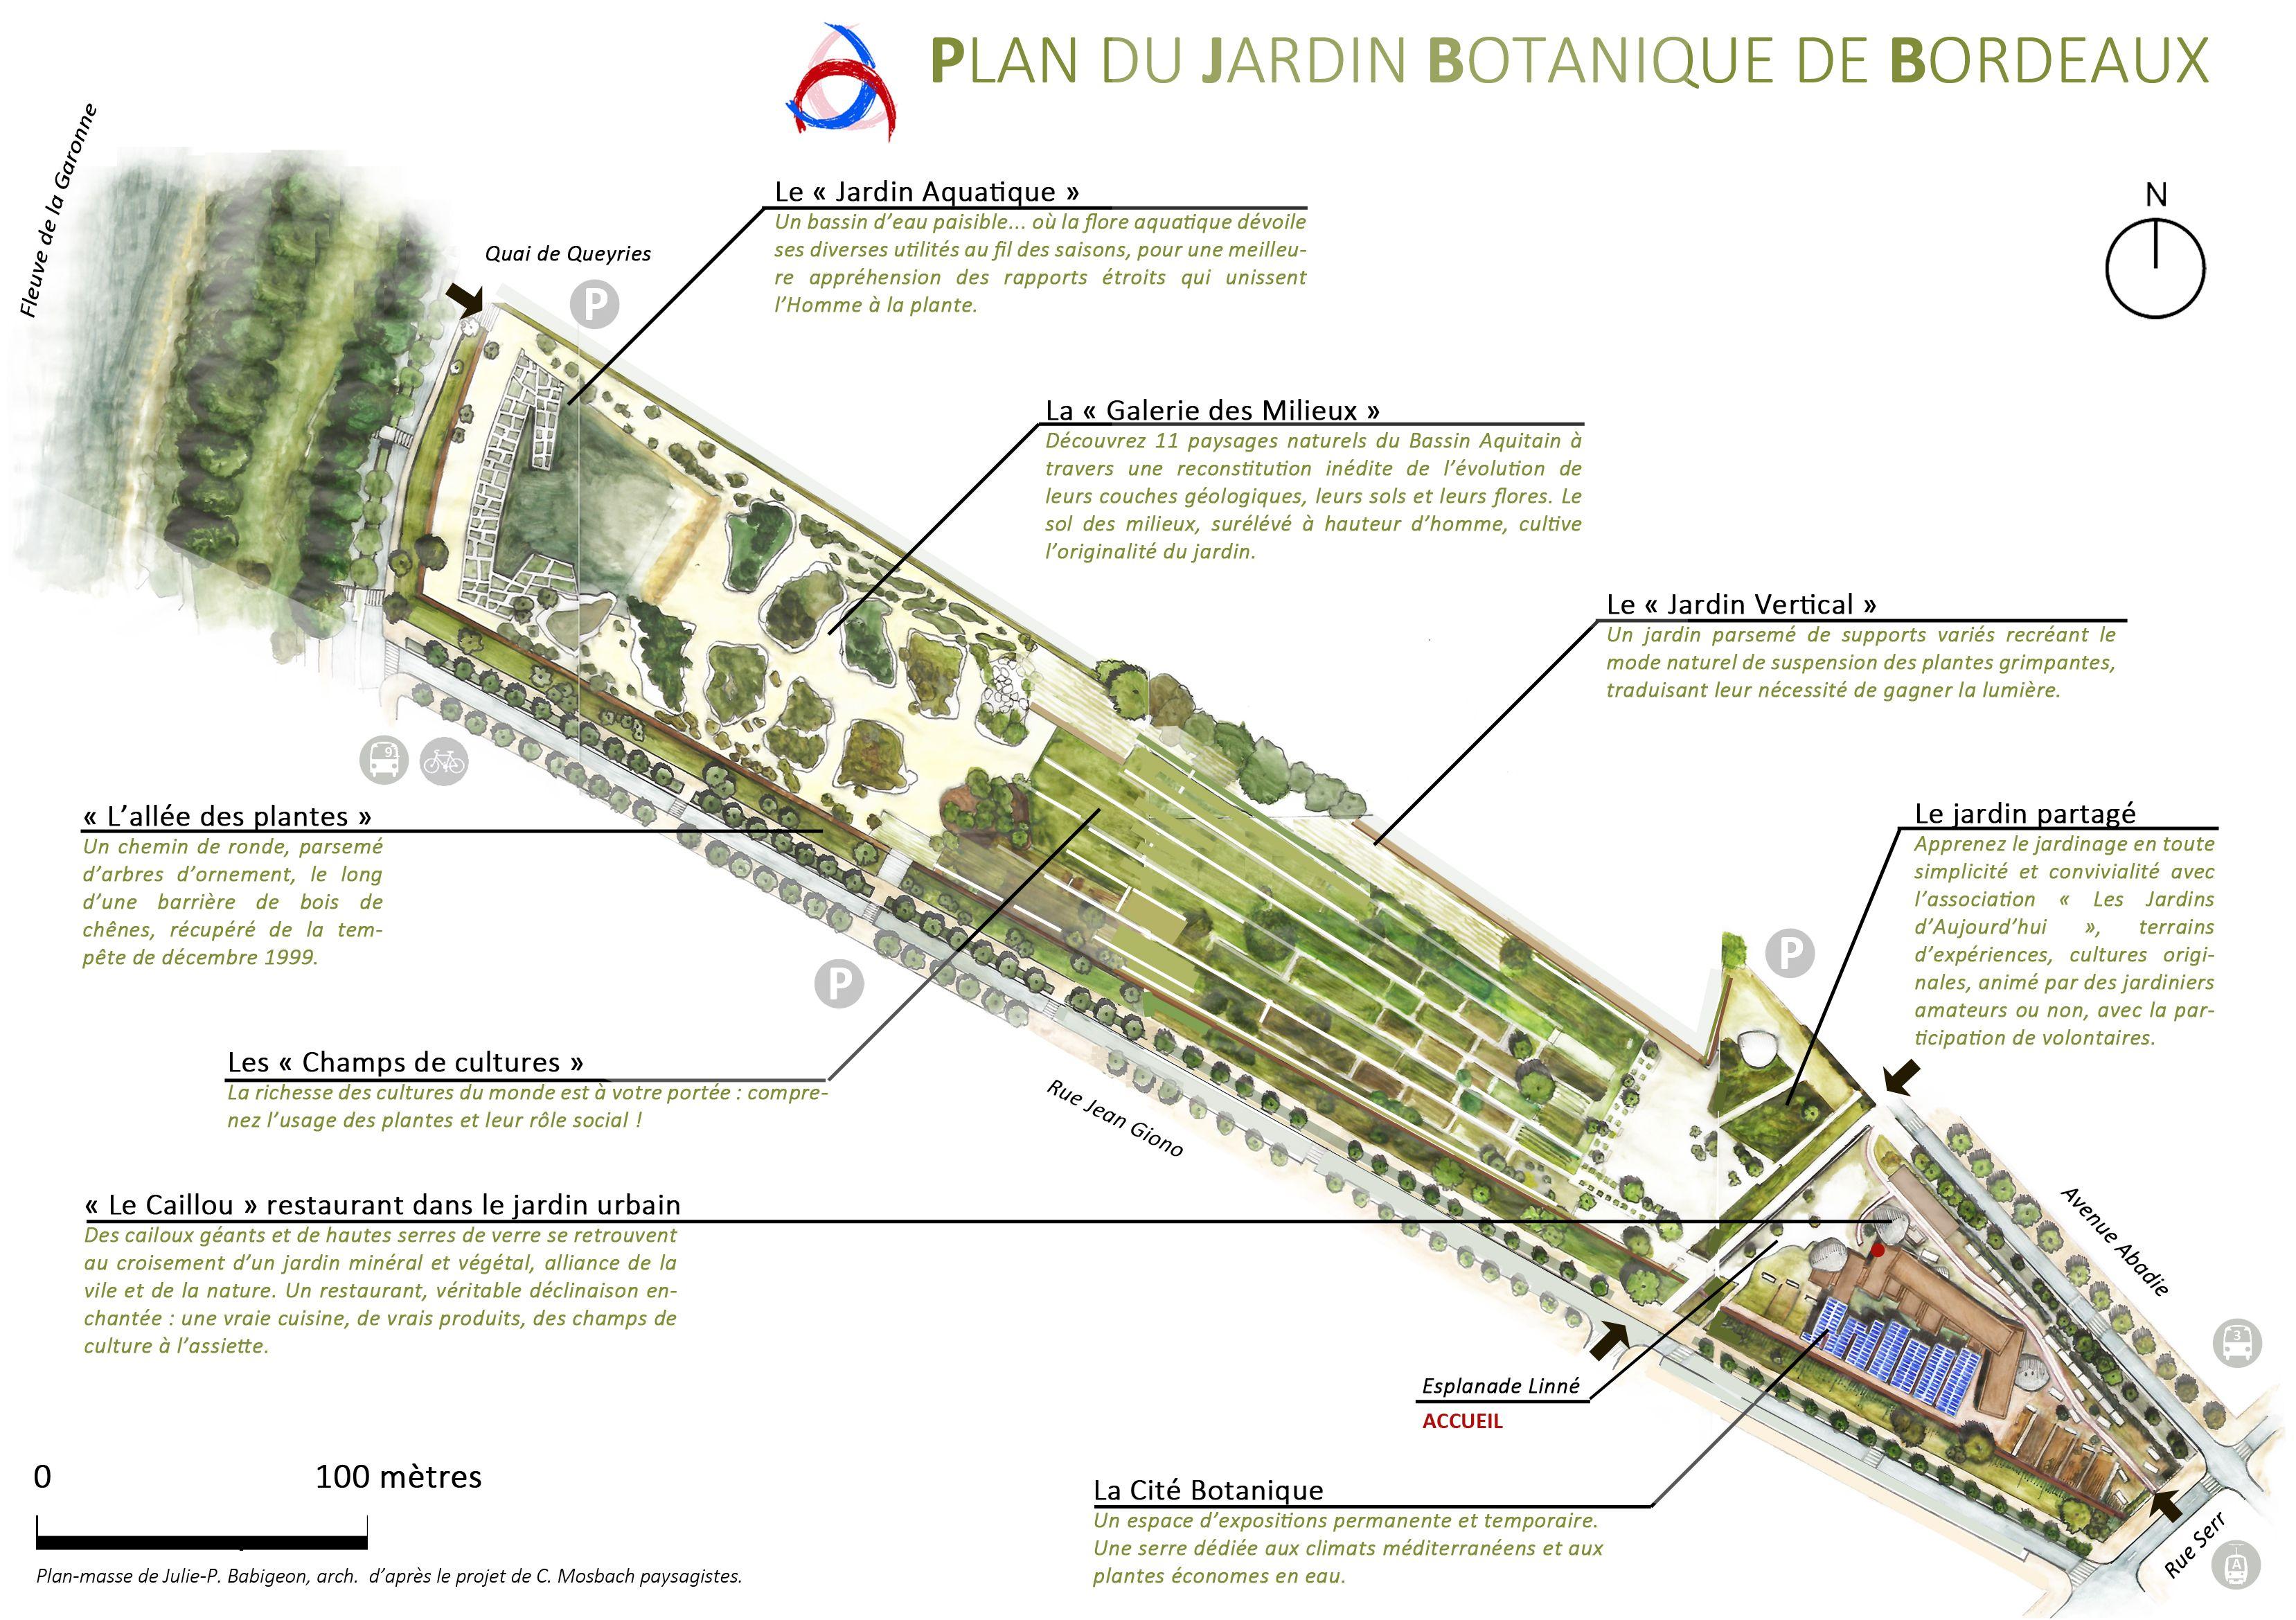 Mars2014 plan du jardin botanique de 3315 for Bordeaux jardin botanique